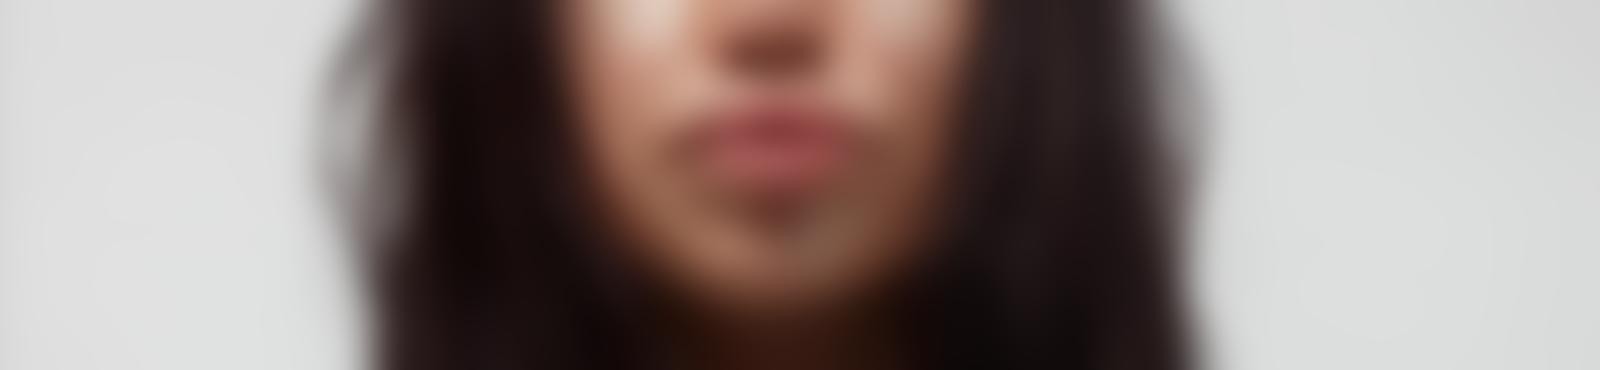 Blurred b0f710cb 3843 4e43 8281 15bf20813e7b